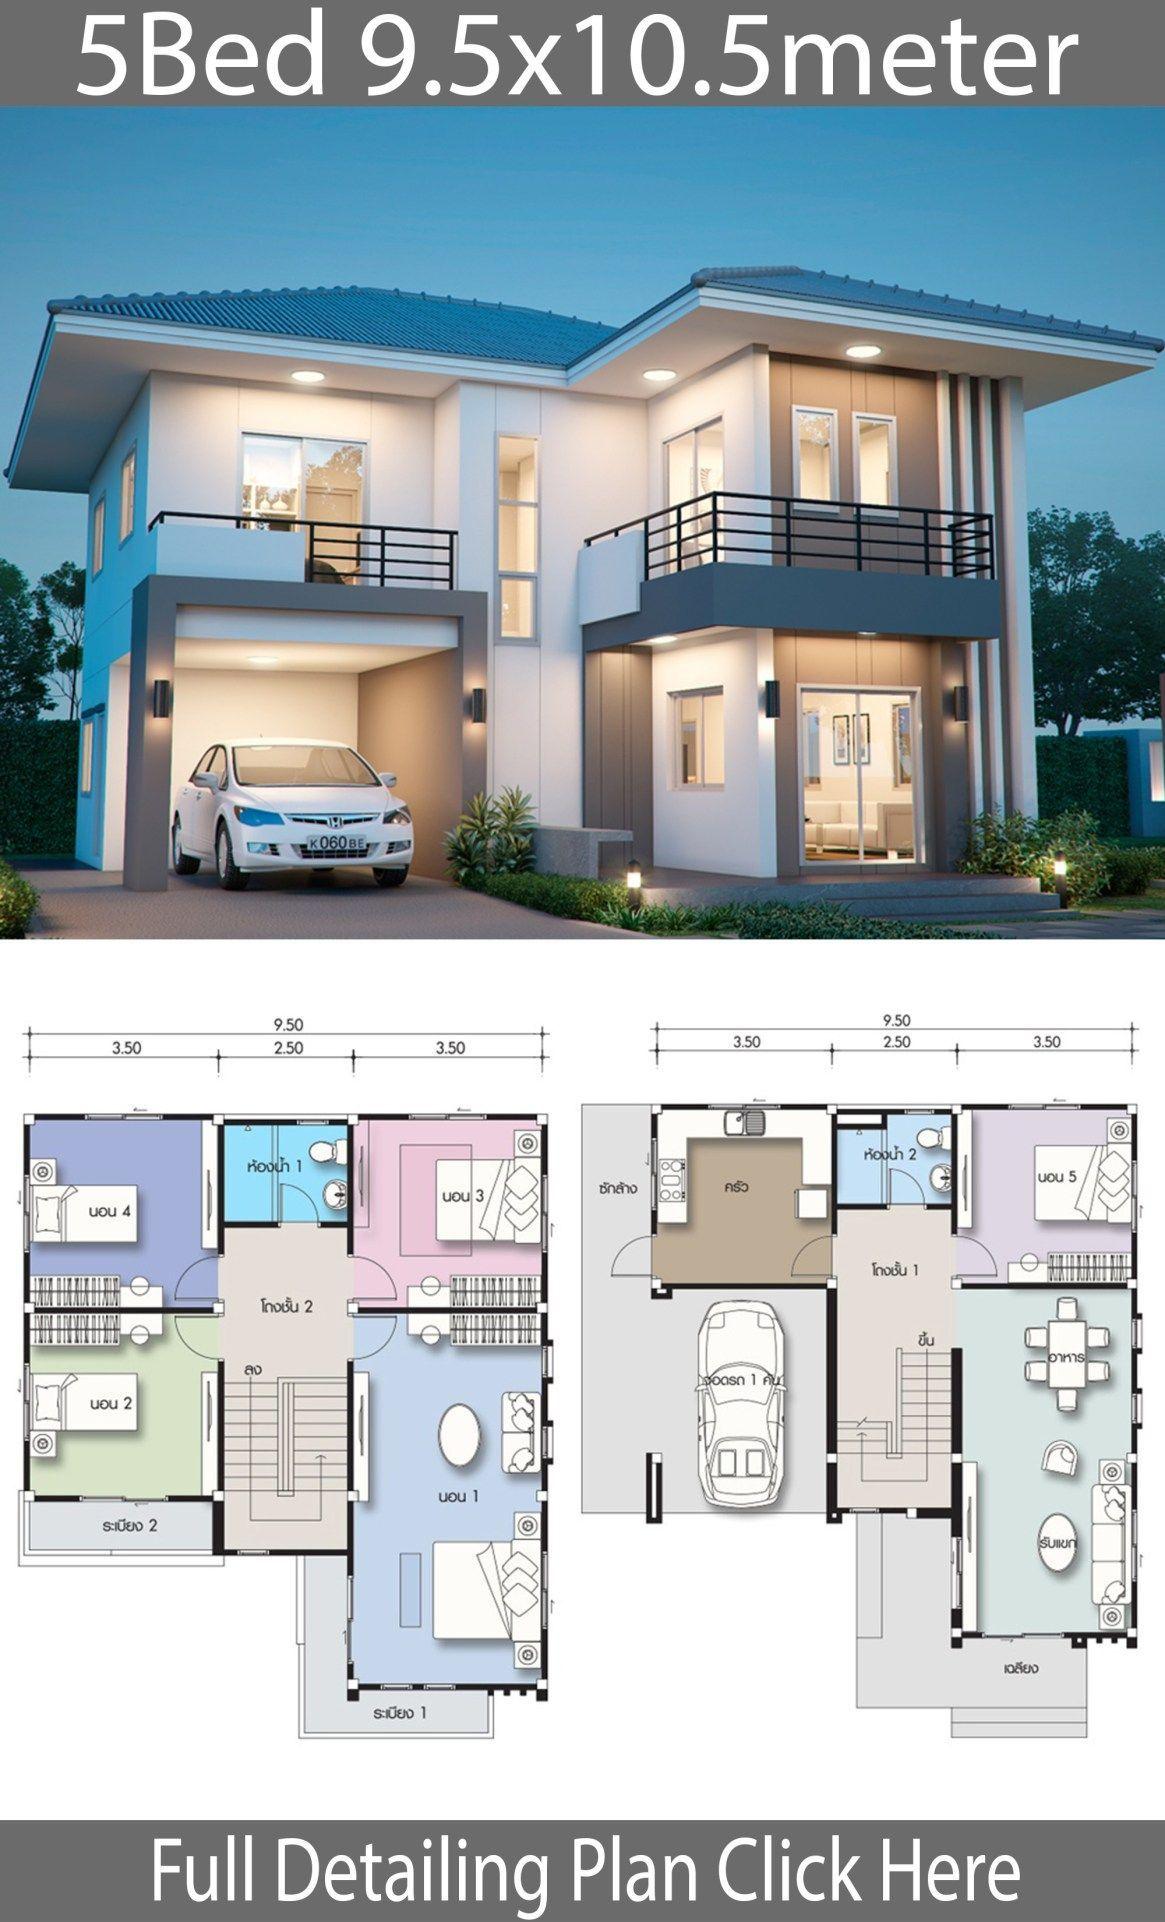 House Design Plan 9 5x10 5m With 5 Bedrooms With 5 9 5x10 5m Bedrooms Design House Pl Plan Construction Maison Plan De Maison Villa Maison Architecte